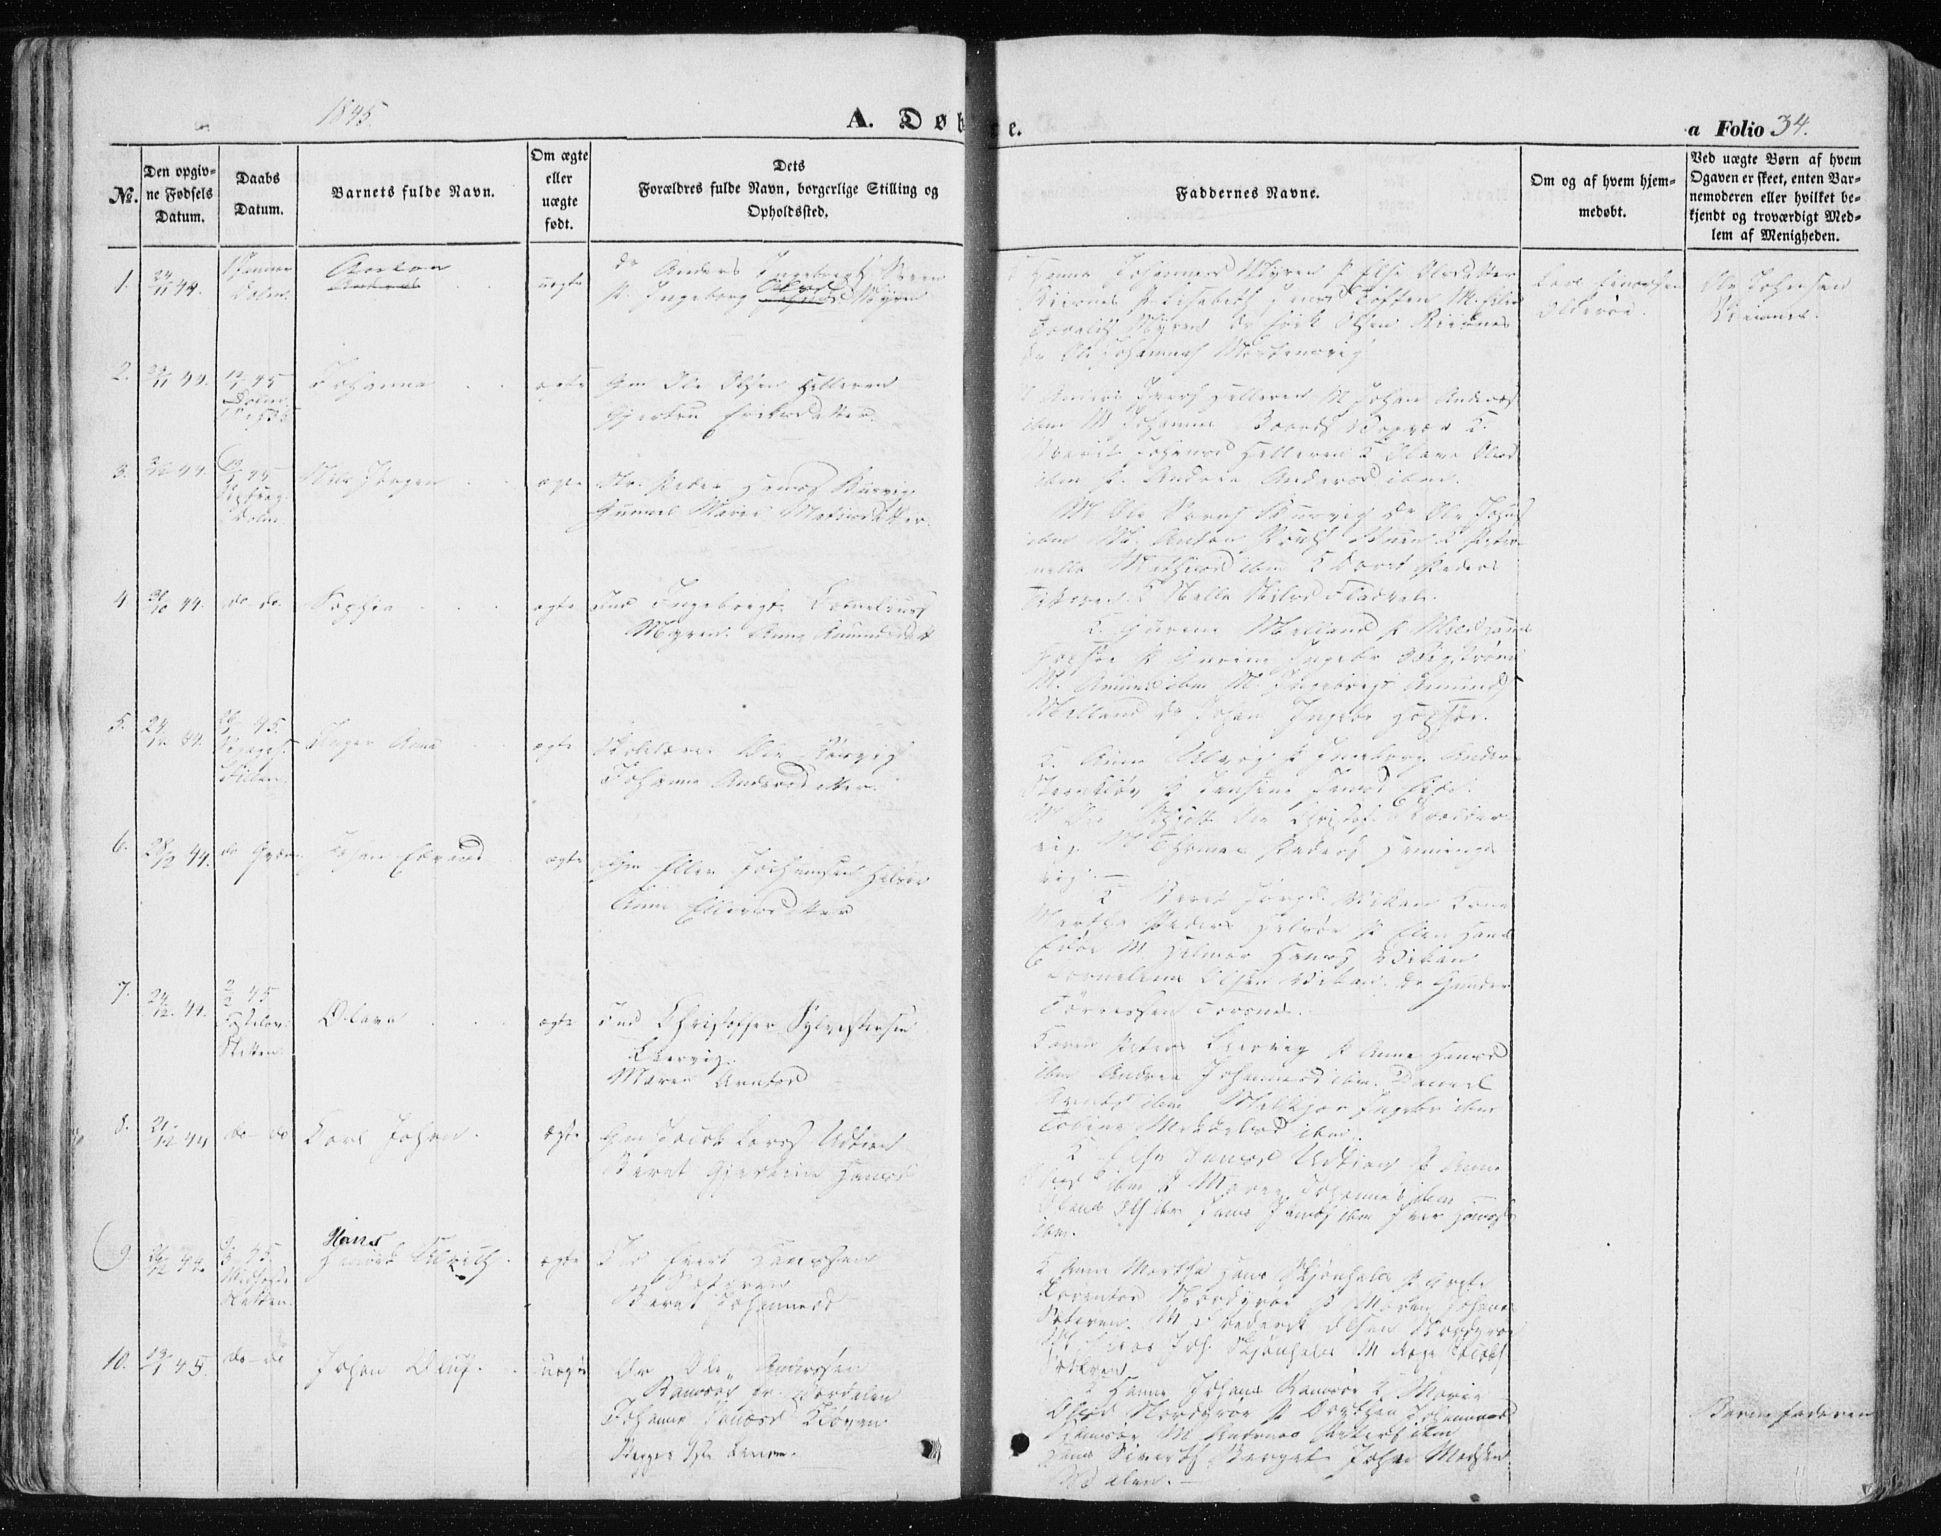 SAT, Ministerialprotokoller, klokkerbøker og fødselsregistre - Sør-Trøndelag, 634/L0529: Ministerialbok nr. 634A05, 1843-1851, s. 34